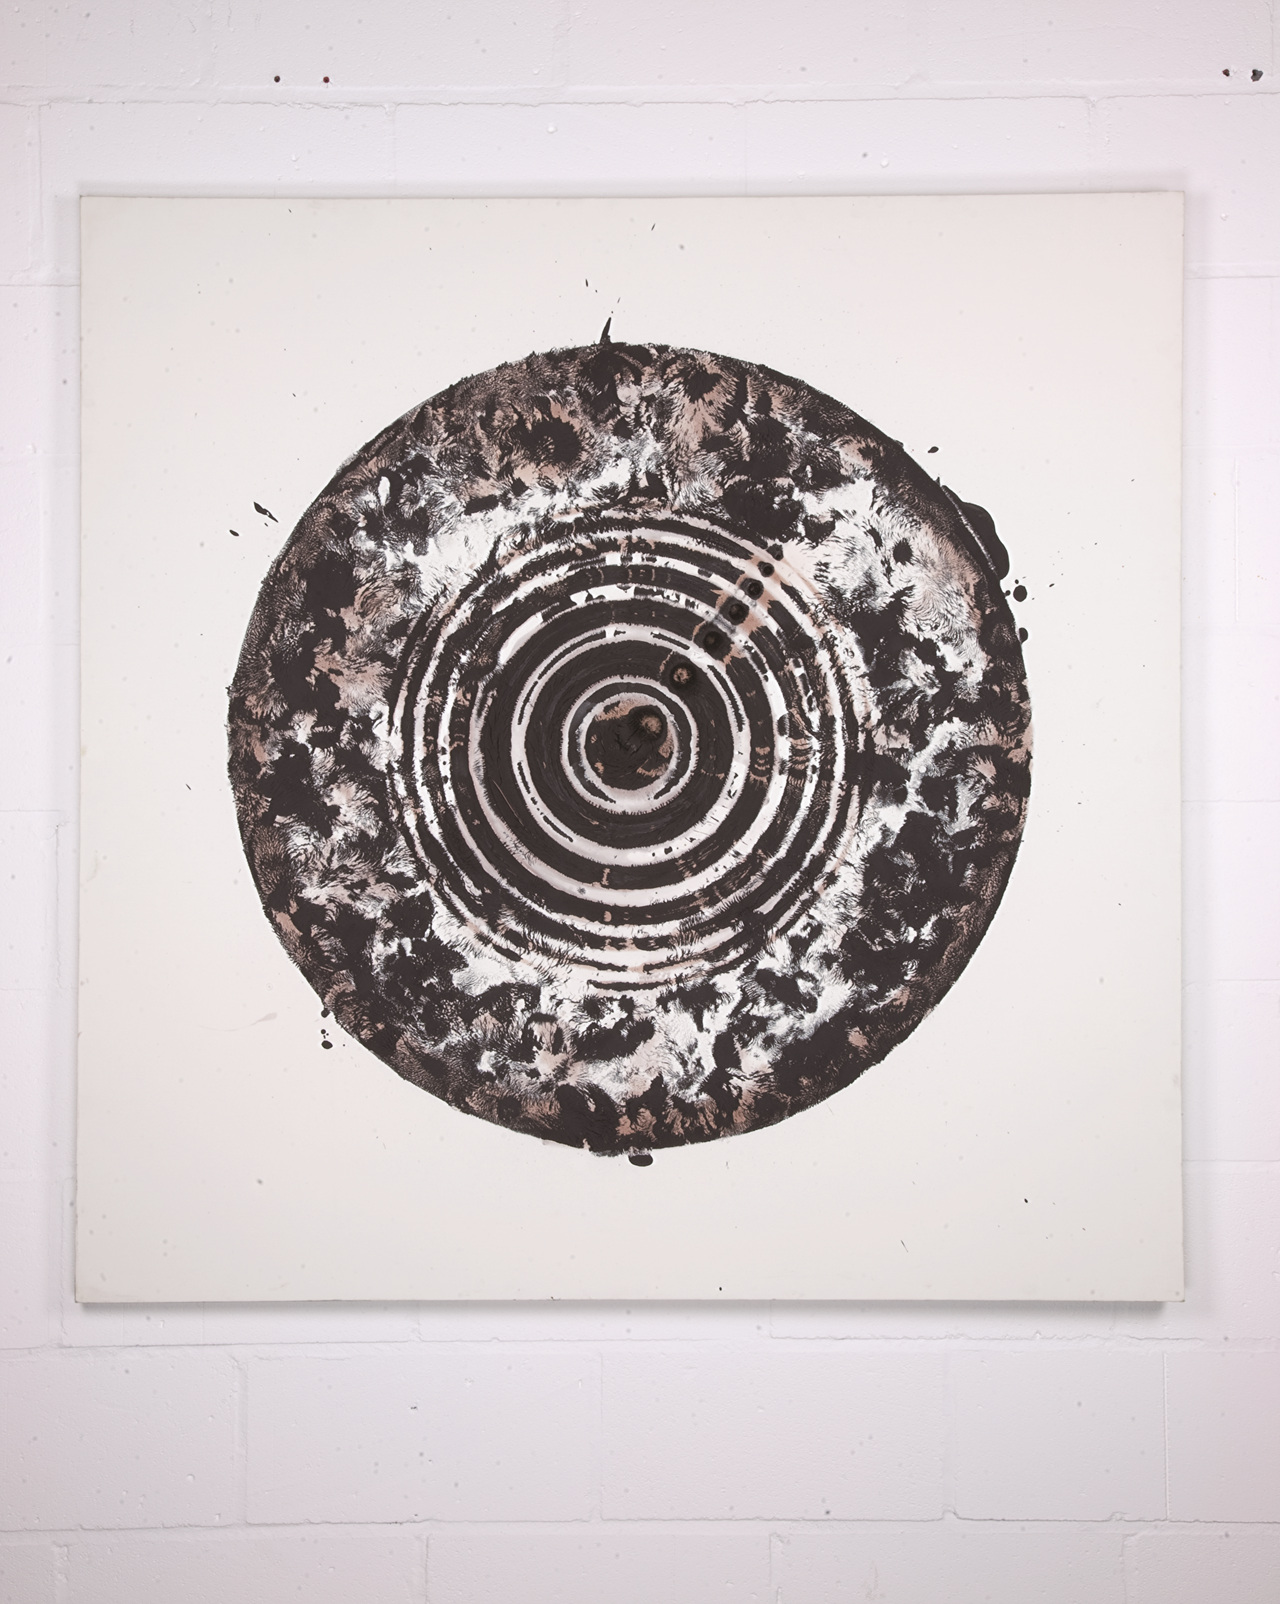 Chaos, Cosmos and Circulation 01-01.jpg